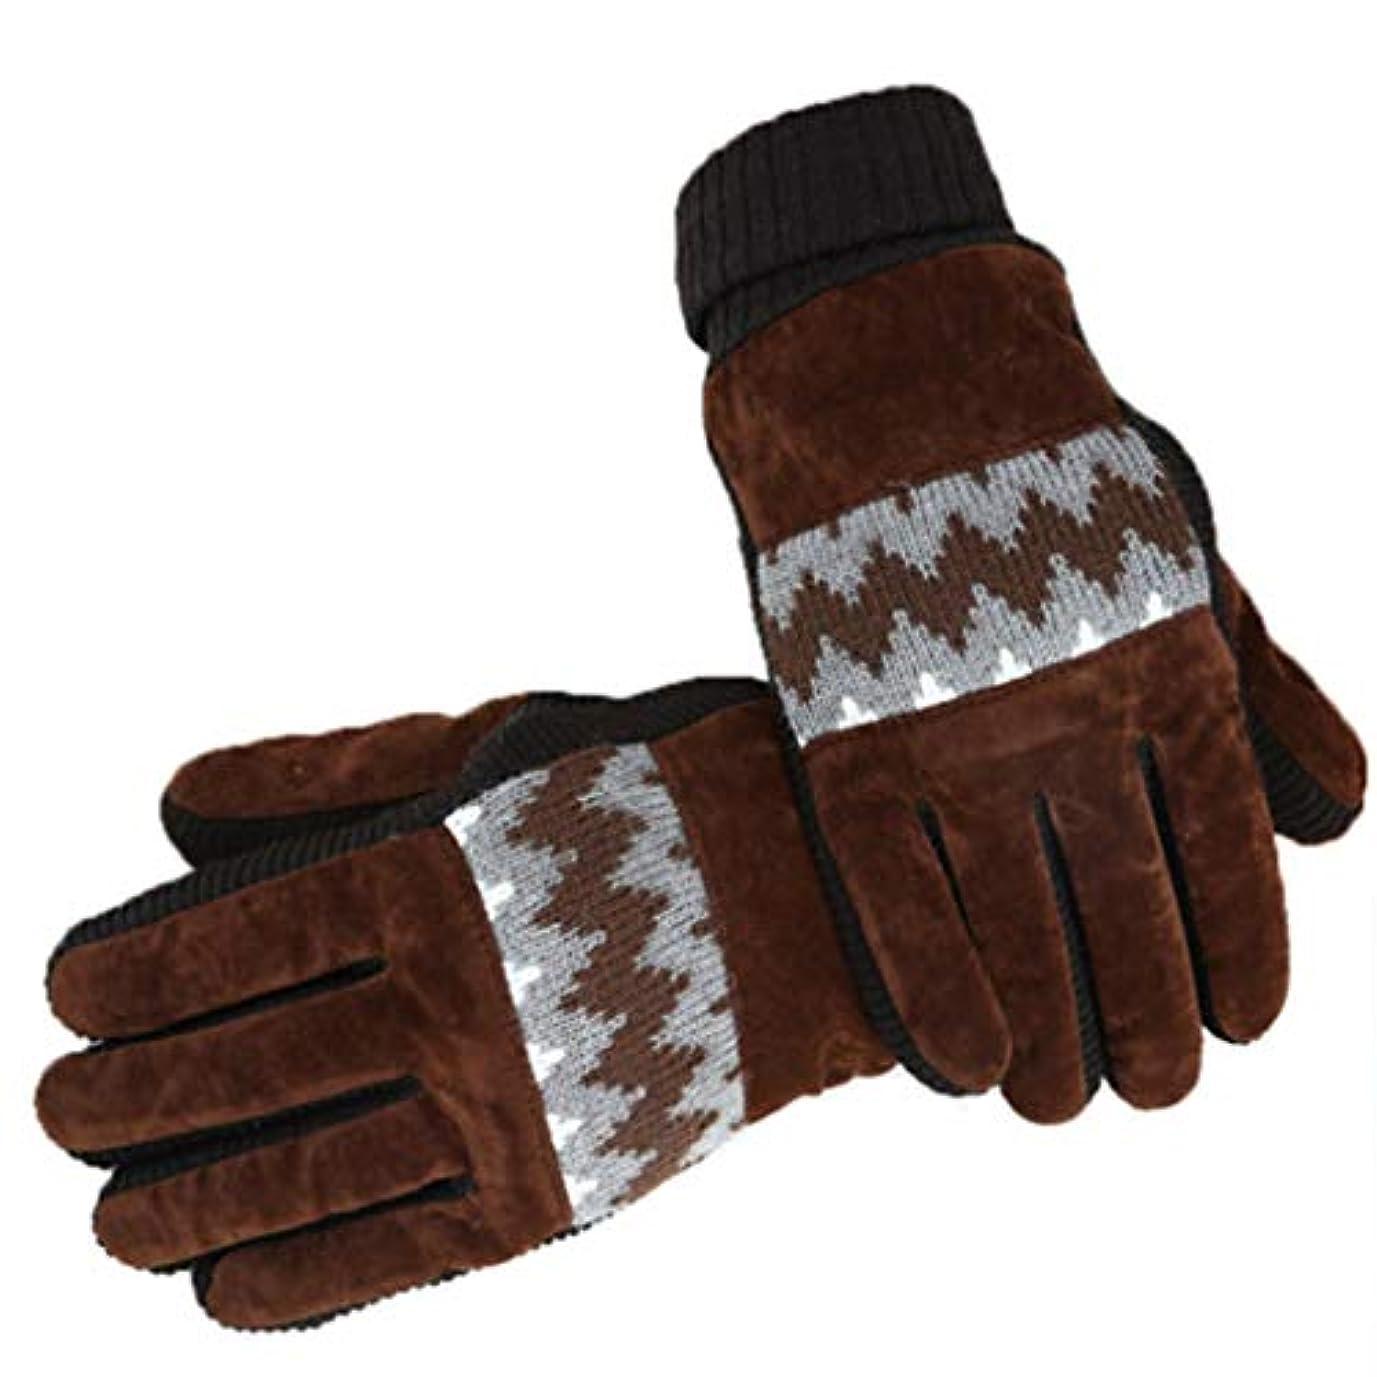 インセンティブ根拠貼り直す手袋の男性の冬プラスベルベット寒い暖かいサイクリング秋と冬の防風タッチスクリーンの綿手袋の水リップル黒 (色 : Brown)